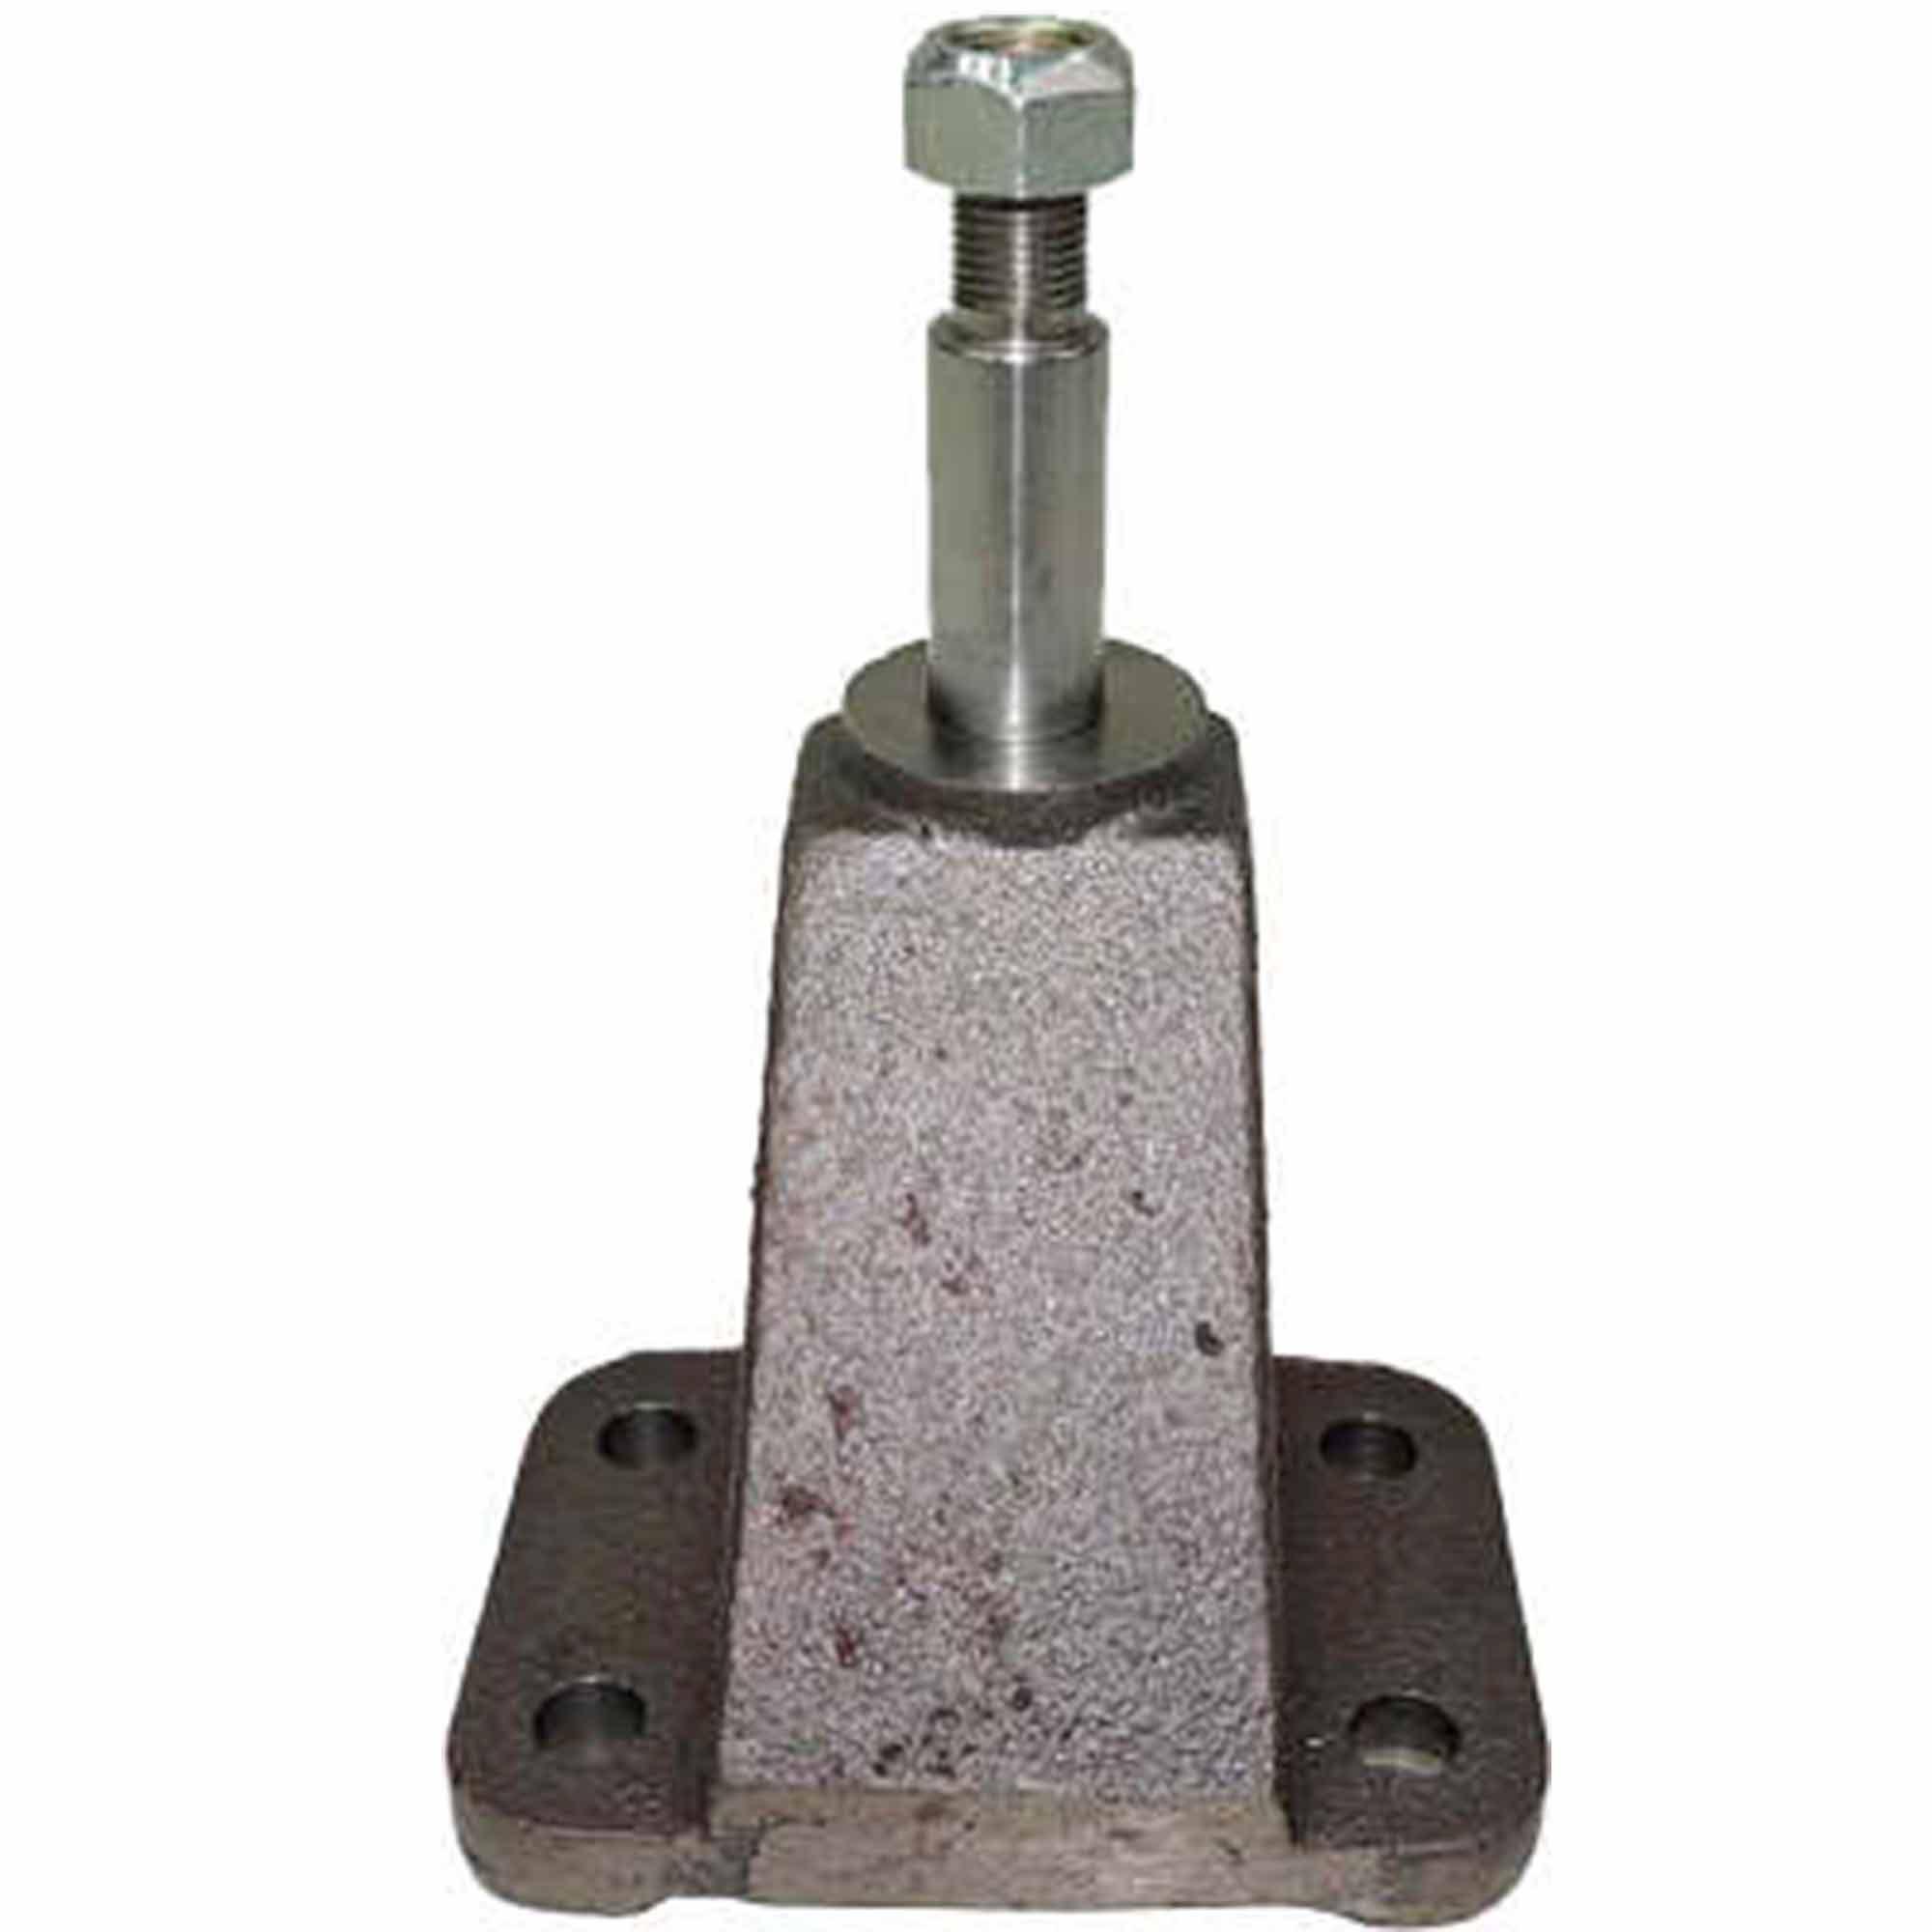 SUK073 - Suporte superior amortecedor traseiro